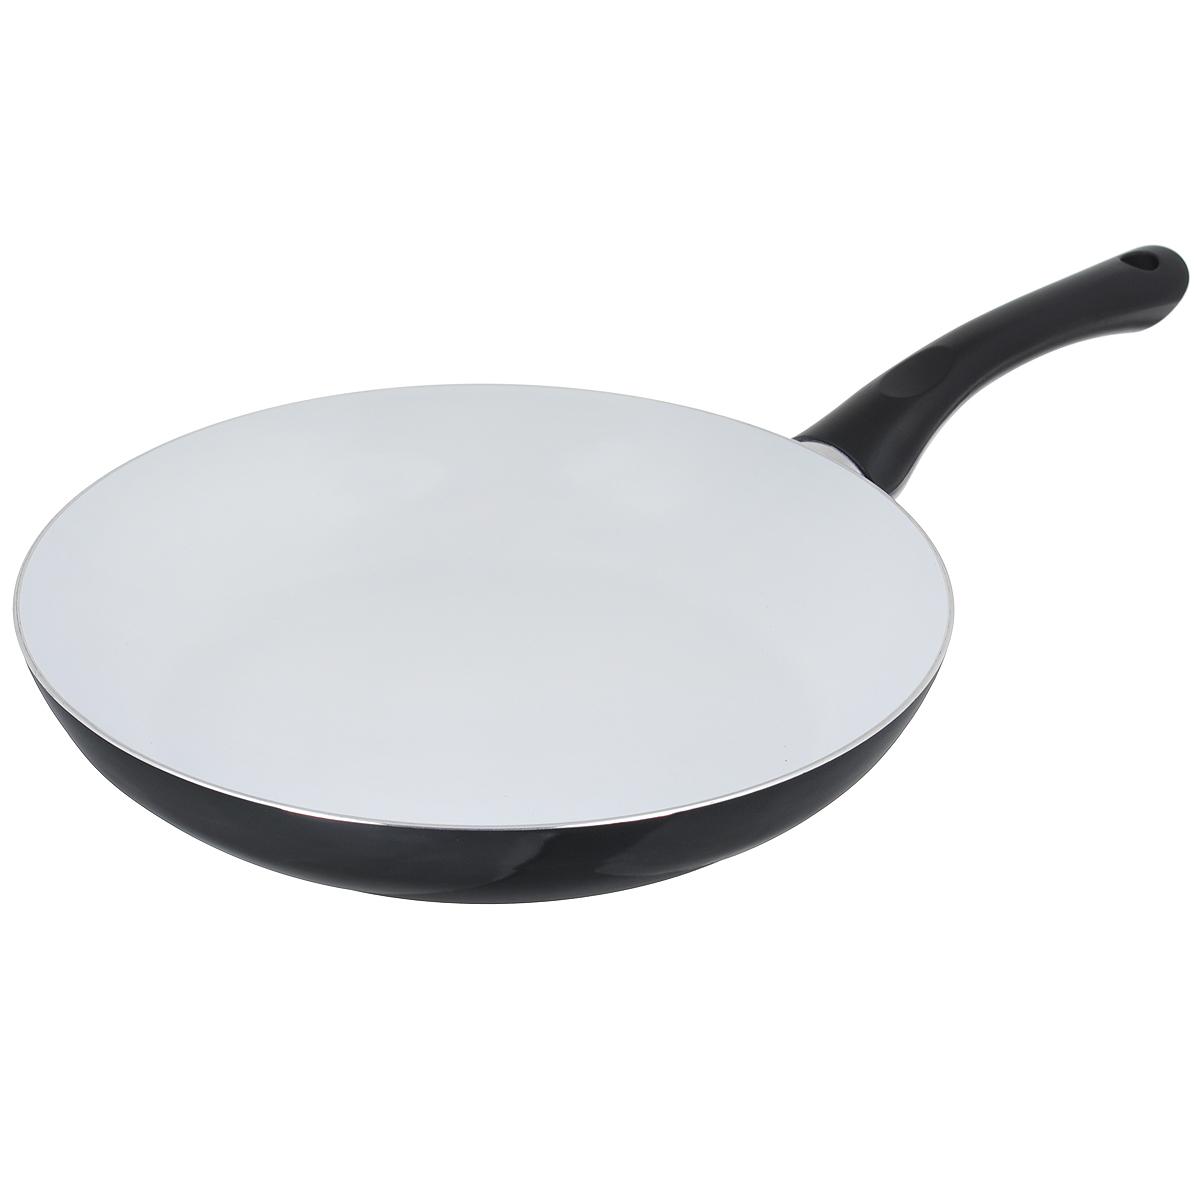 Сковорода Bekker, с керамическим покрытием, цвет: черный. Диаметр 28 см. BK-3704300074_ежевикаСковорода Bekker изготовлена из алюминия с внутренним керамическим покрытием. Благодаря этому пища не пригорает и не прилипает к стенкам. Готовить можно с минимальным количеством масла и жиров. Гладкая поверхность обеспечивает легкость ухода за посудой. Внешнее покрытие - цветной жаростойкий лак. Изделие оснащено удобной бакелитовой ручкой, которая не нагревается в процессе готовки.Сковорода подходит для использования на всех типах кухонных плит, кроме индукционных, а также ее можно мыть в посудомоечной машине. Высота стенки: 5 см.Толщина стенки: 2,5 мм.Толщина дна: 2,5 мм.Длина ручки: 18 см.Диаметр основания: 20 см.